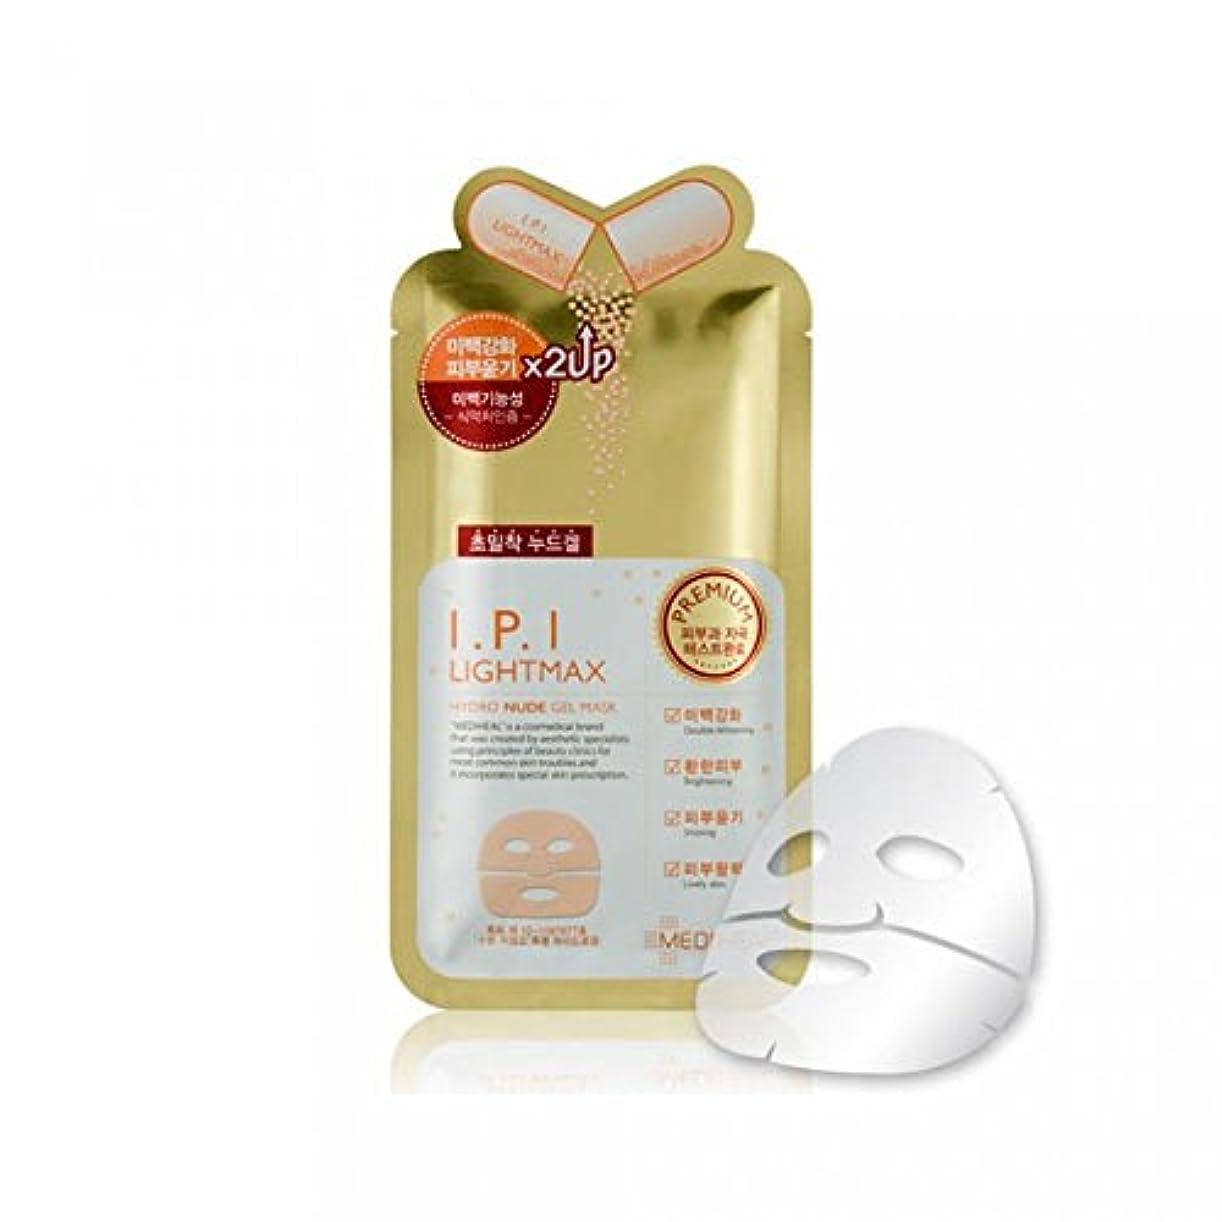 競争西部セーブメディヒール プレミアム IPI ライトマックス ヌード ゲルマスク (10枚) [Mediheal premium IPI LIGHT MAX Nude Gel Mask 10 sheets] [並行輸入品]